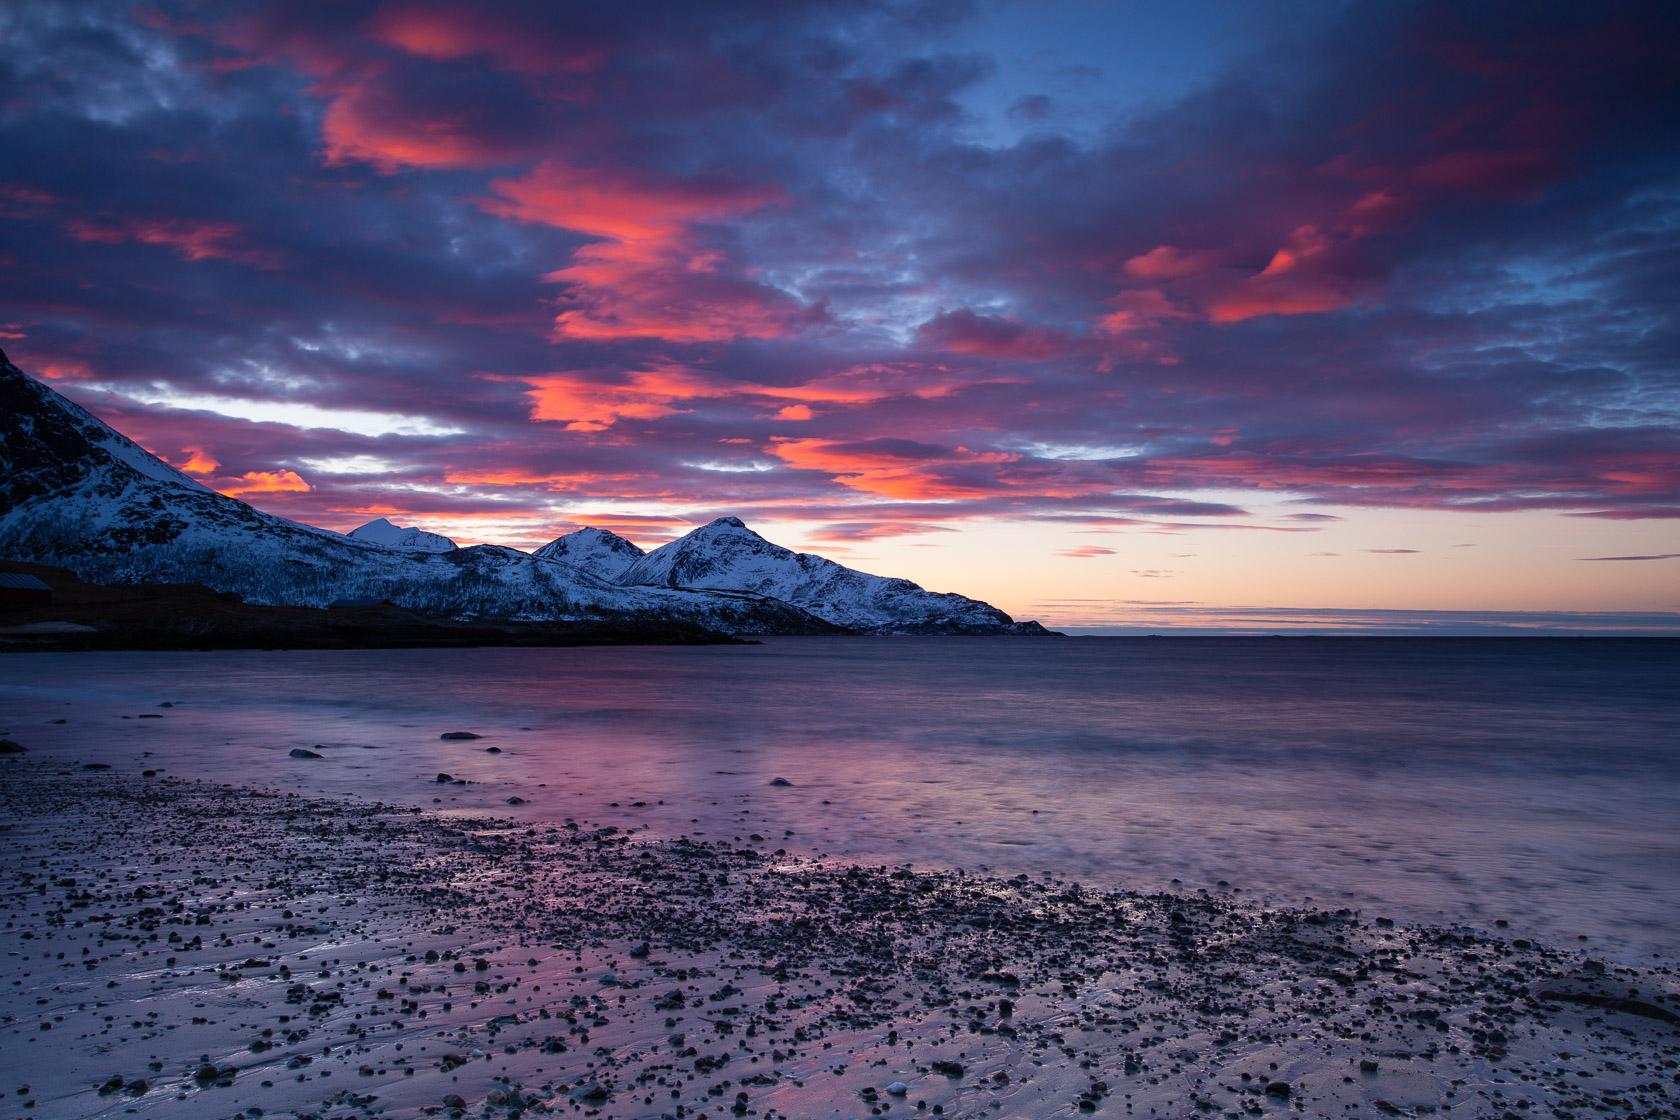 Nuages colorés sur la plage de Grøtfjord, à Kvaløya, près de Tromsø